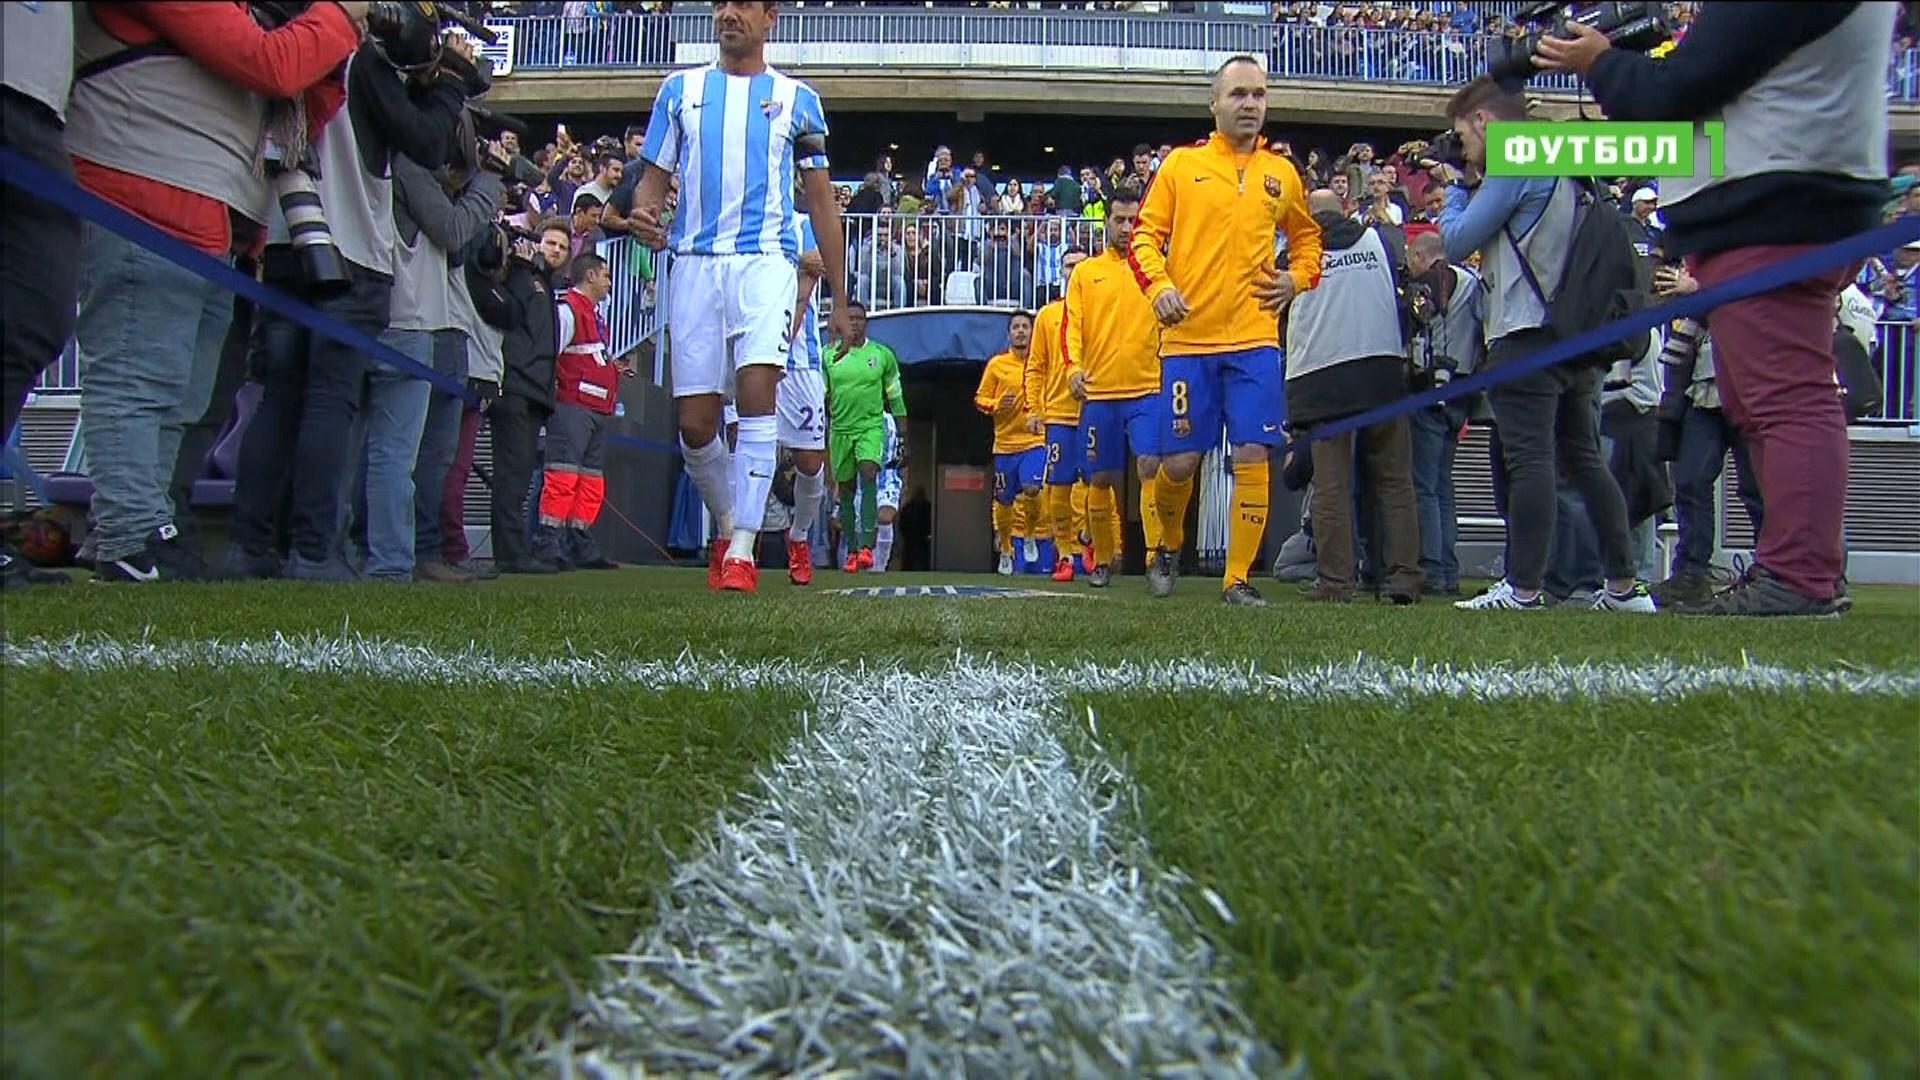 случае чемпионат по футболу 2015 испания Инга этой